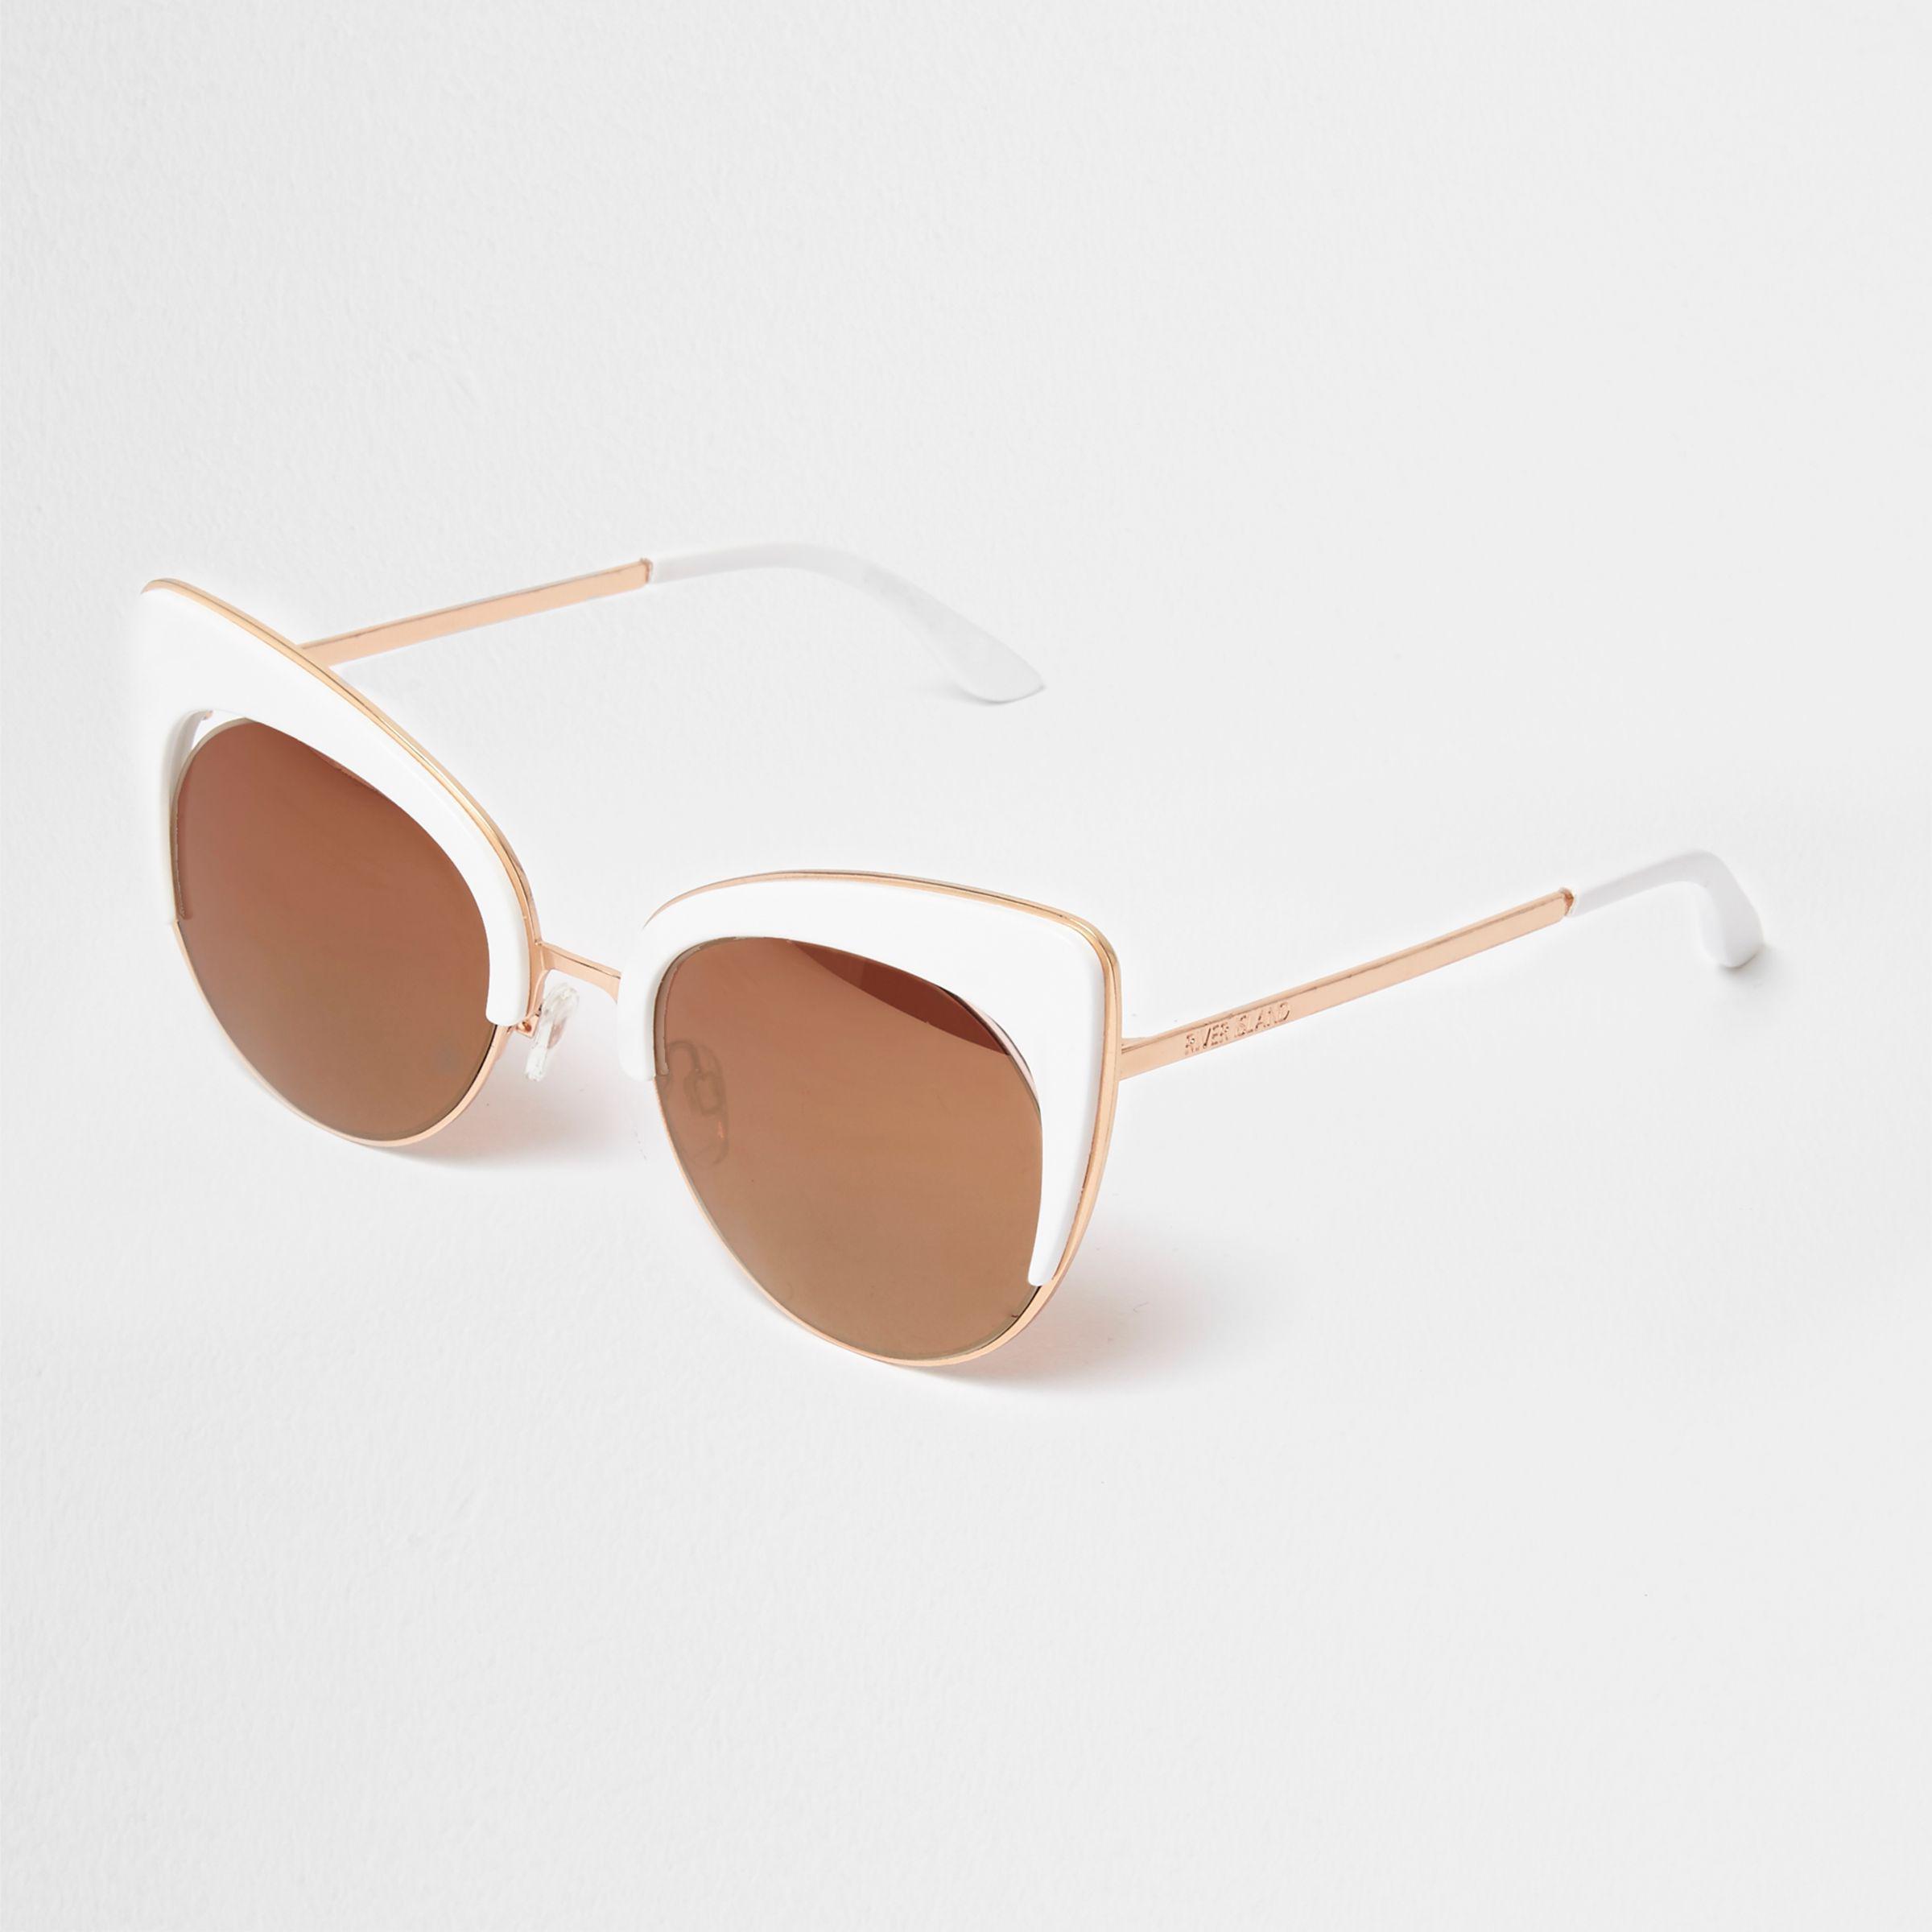 d931a87b0e76 Lyst - River Island White Gold Tone Cat Eye Sunglasses in White